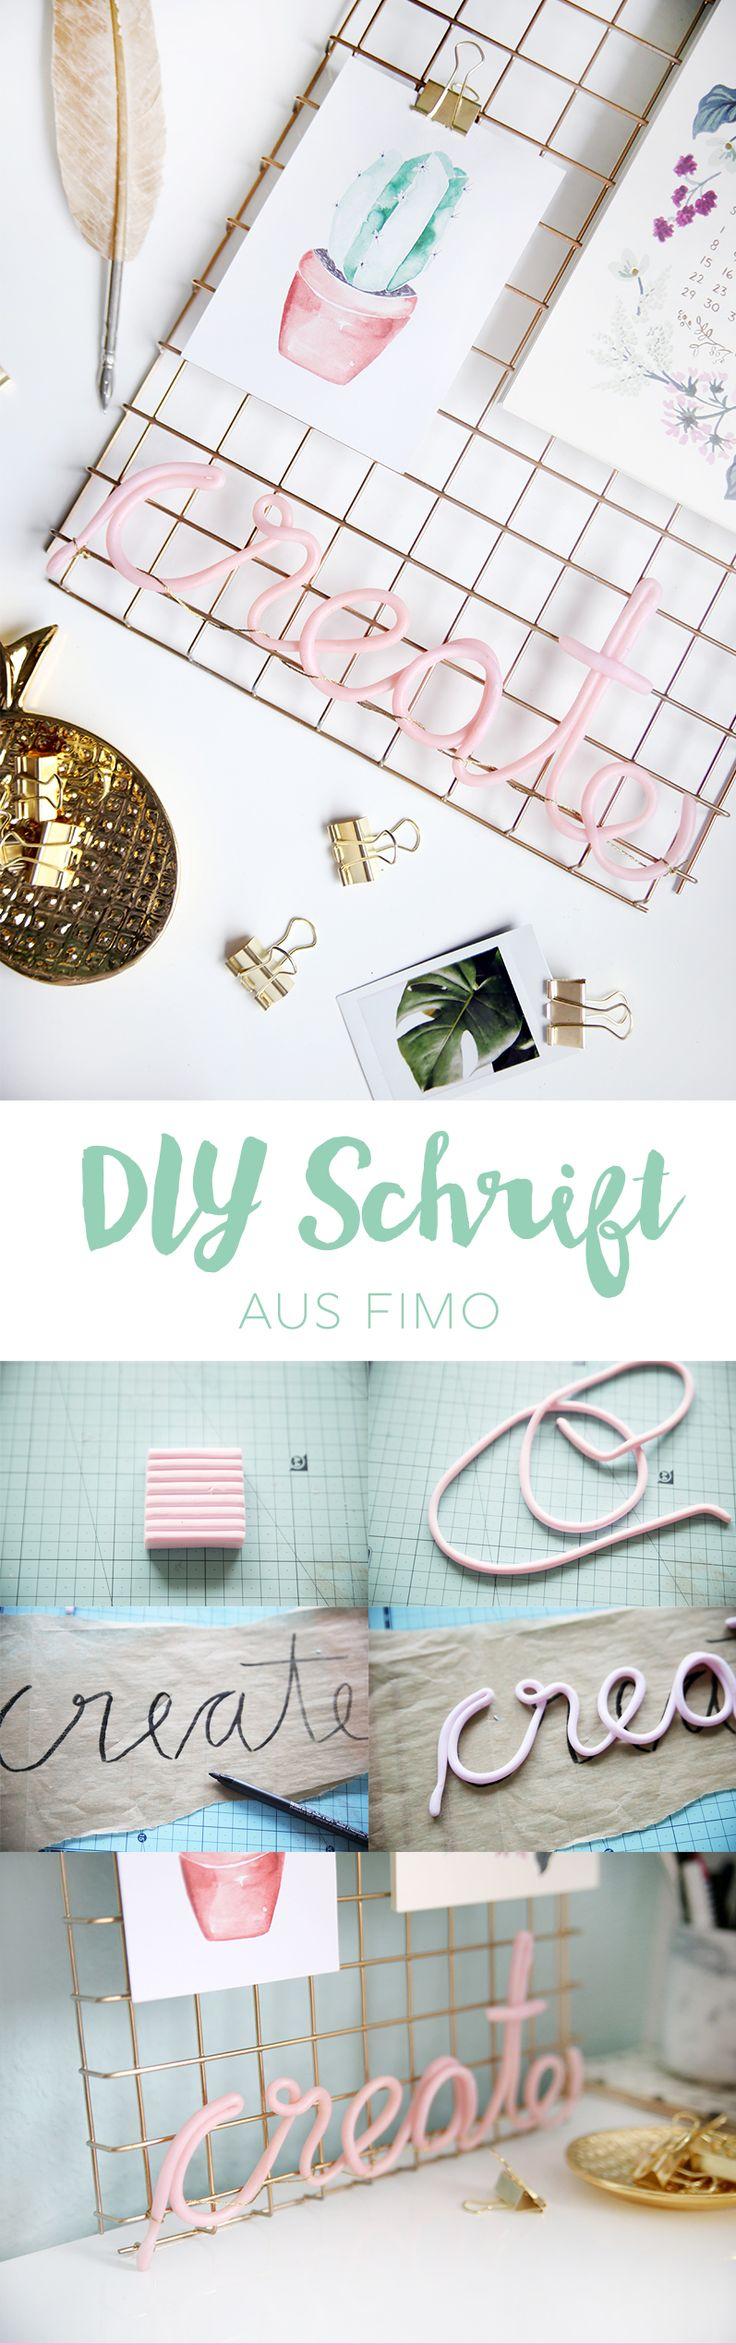 Badezimmer einmachglas ideen  best diy images on pinterest  crafts creative ideas and gift ideas